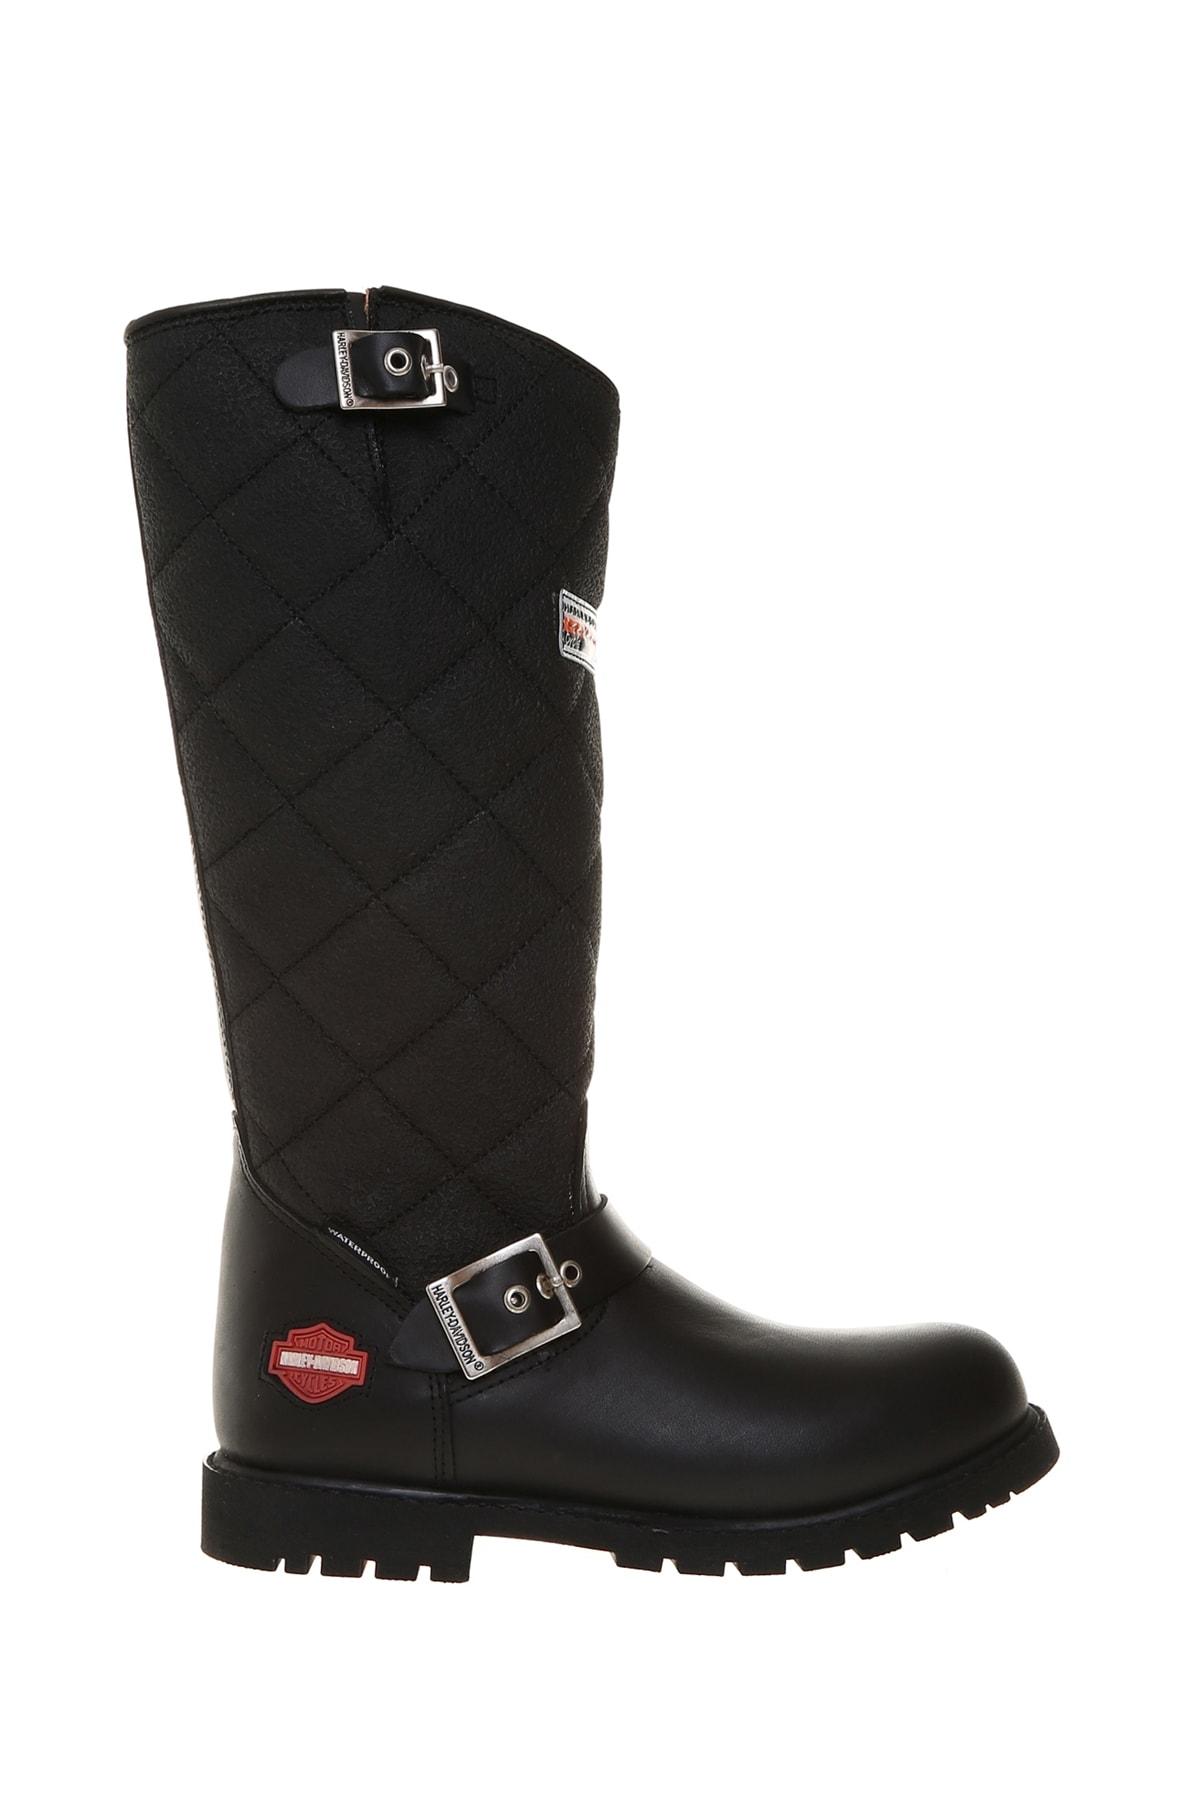 Harley Davidson Siyah Kadın Çizme 503050696 1